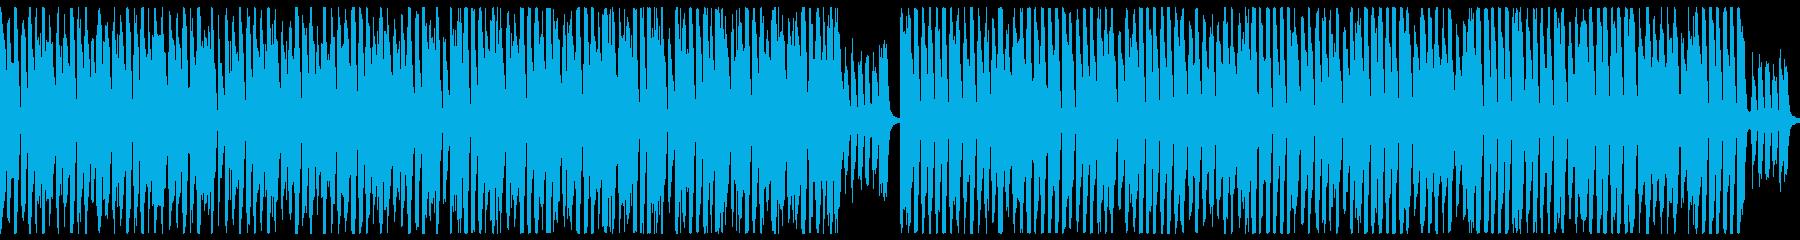 ブラスがお洒落エレクトロスイング(ループの再生済みの波形